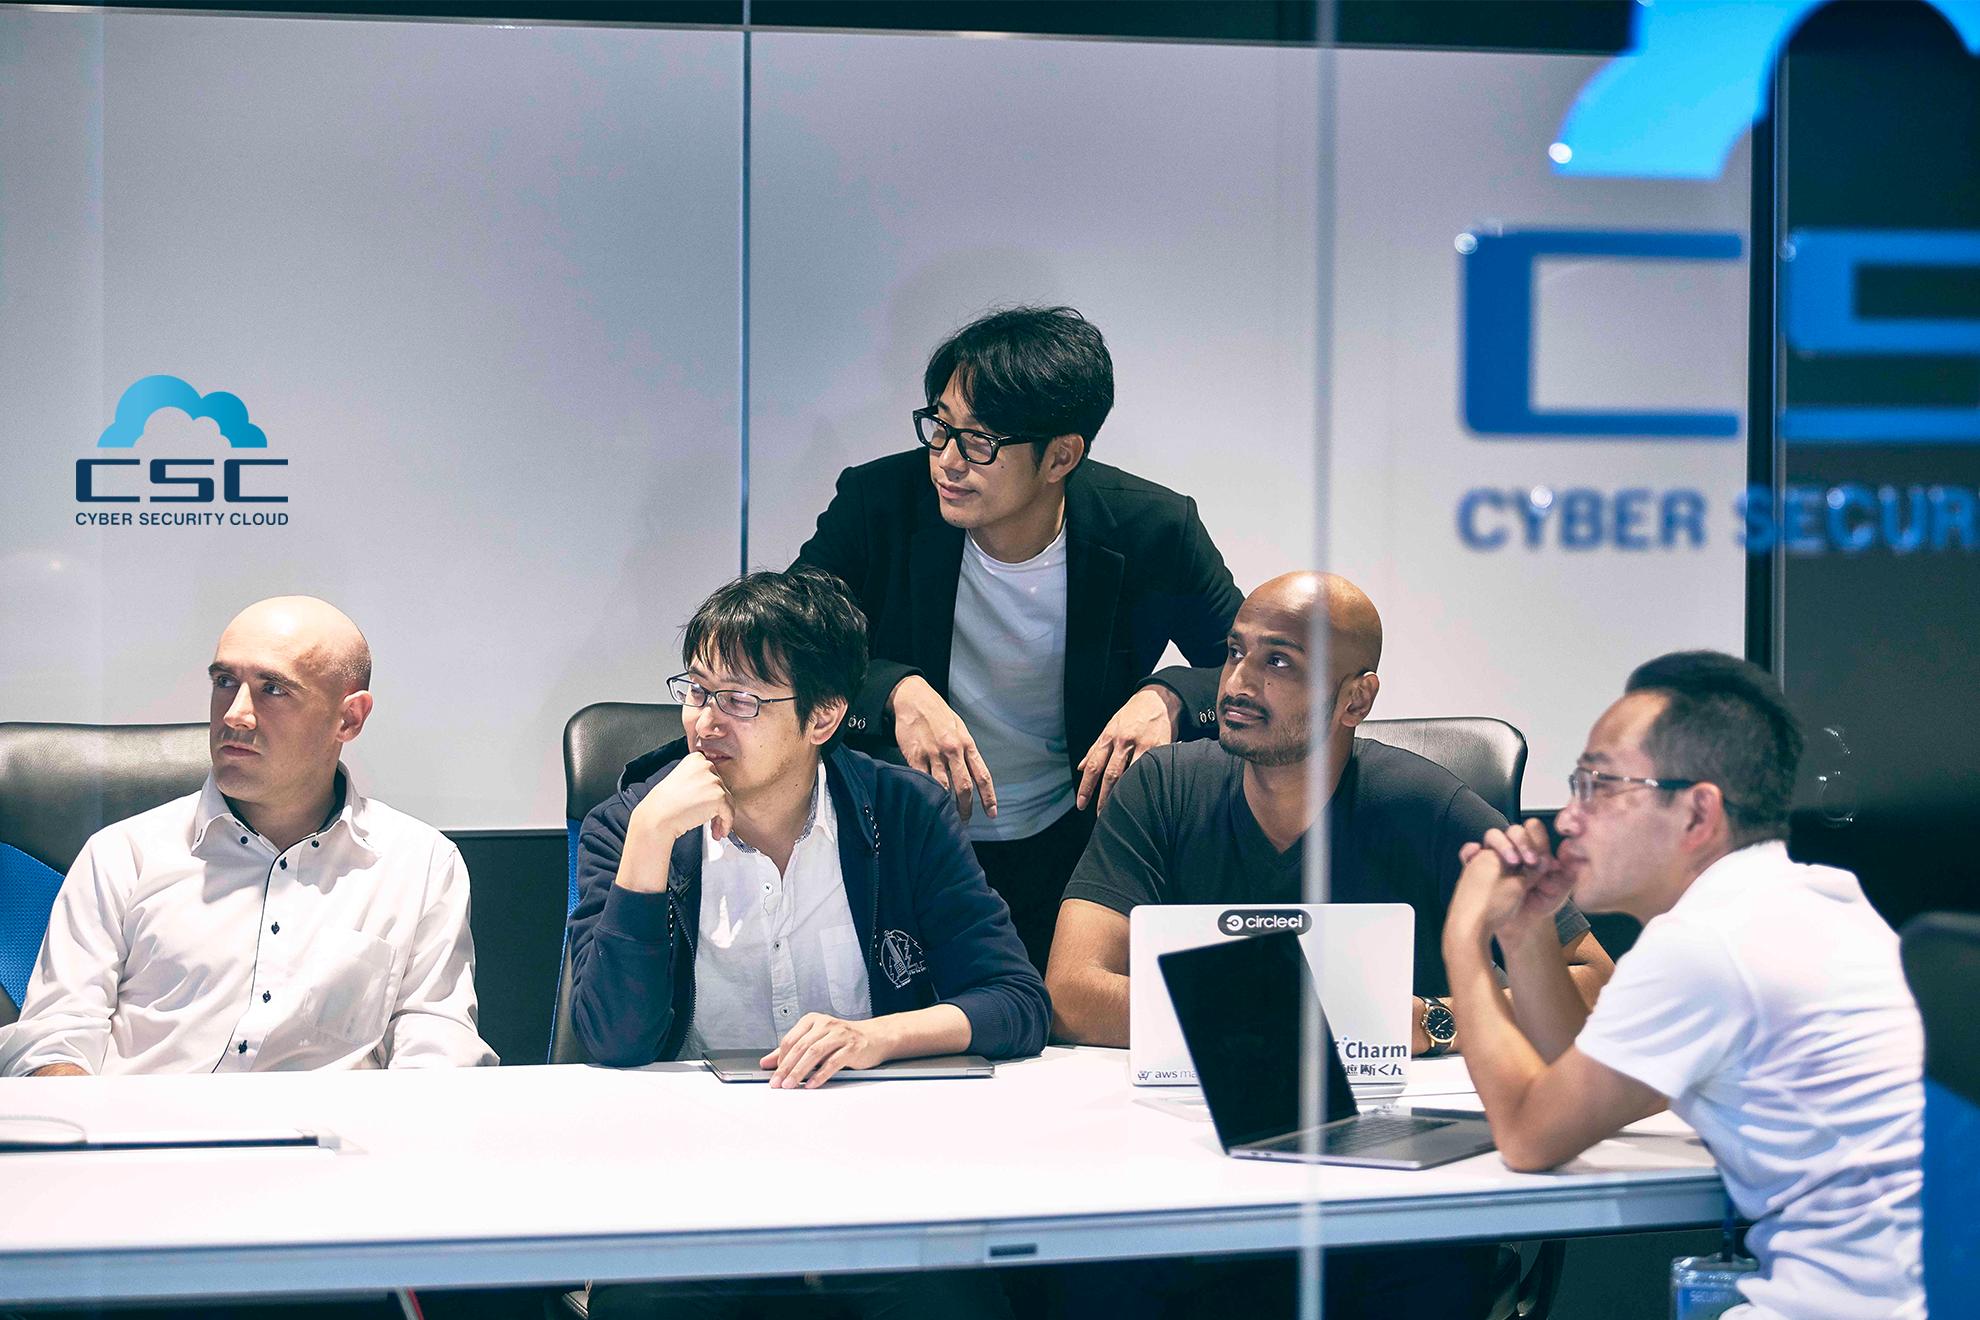 【インフラエンジニア(正社員)】シェアNo.1!クラウド型Webセキュリティサービスのインフラエンジニア募集!【AWS】